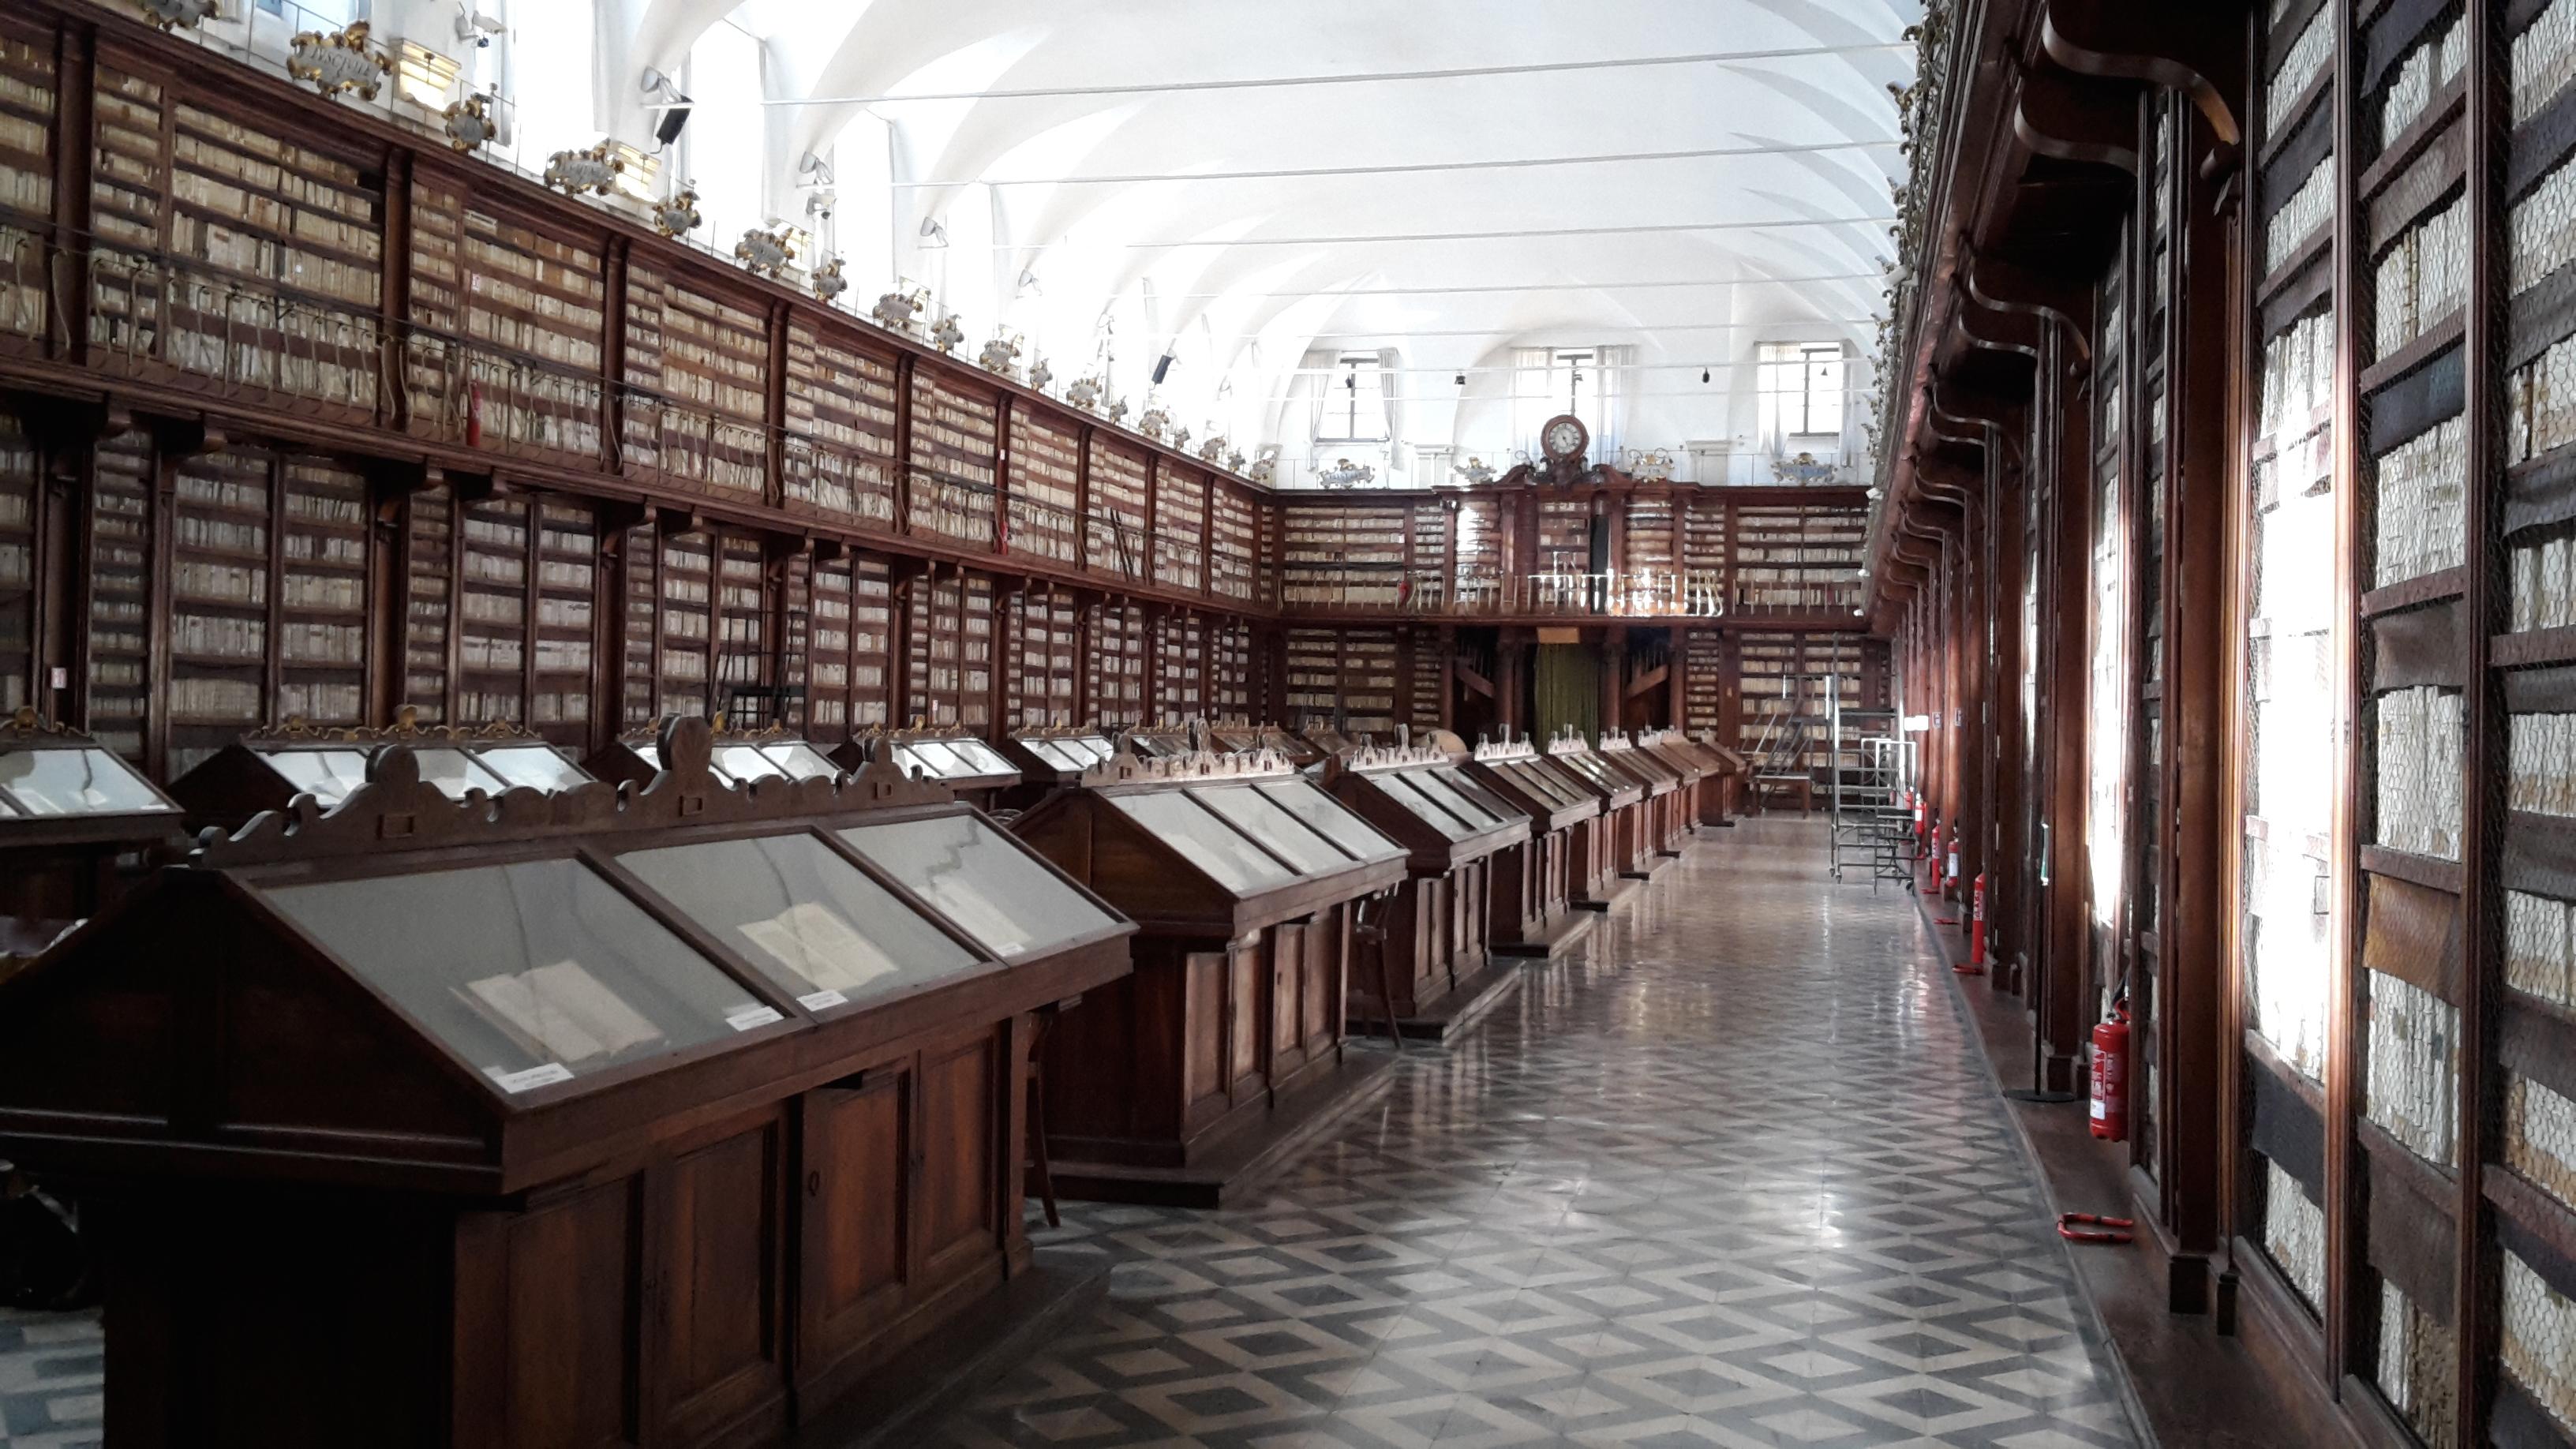 Bibliothèque Casanatense